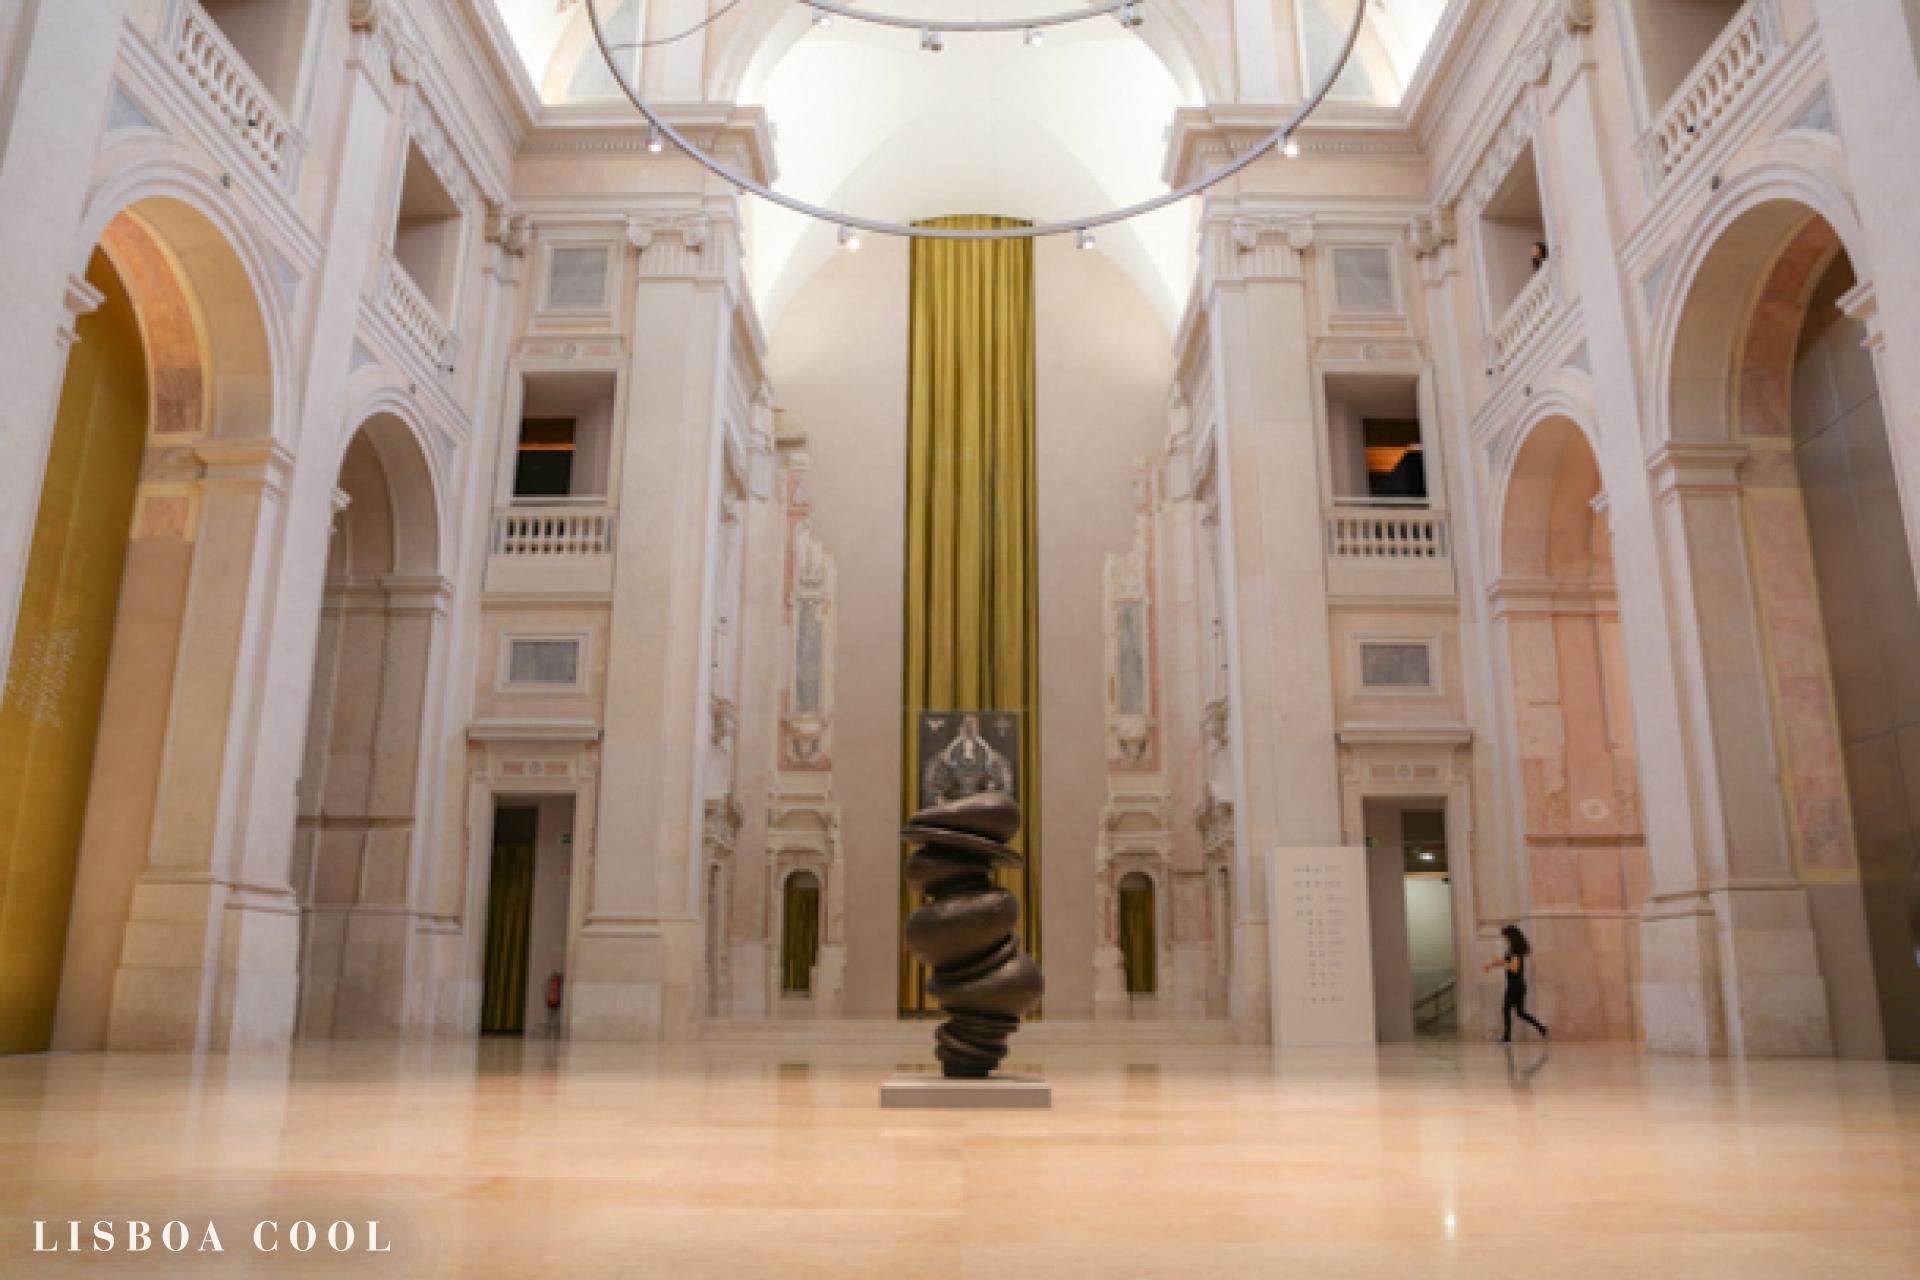 LisboaCool_Blog_3 Museus para visitar no fim-de-semana